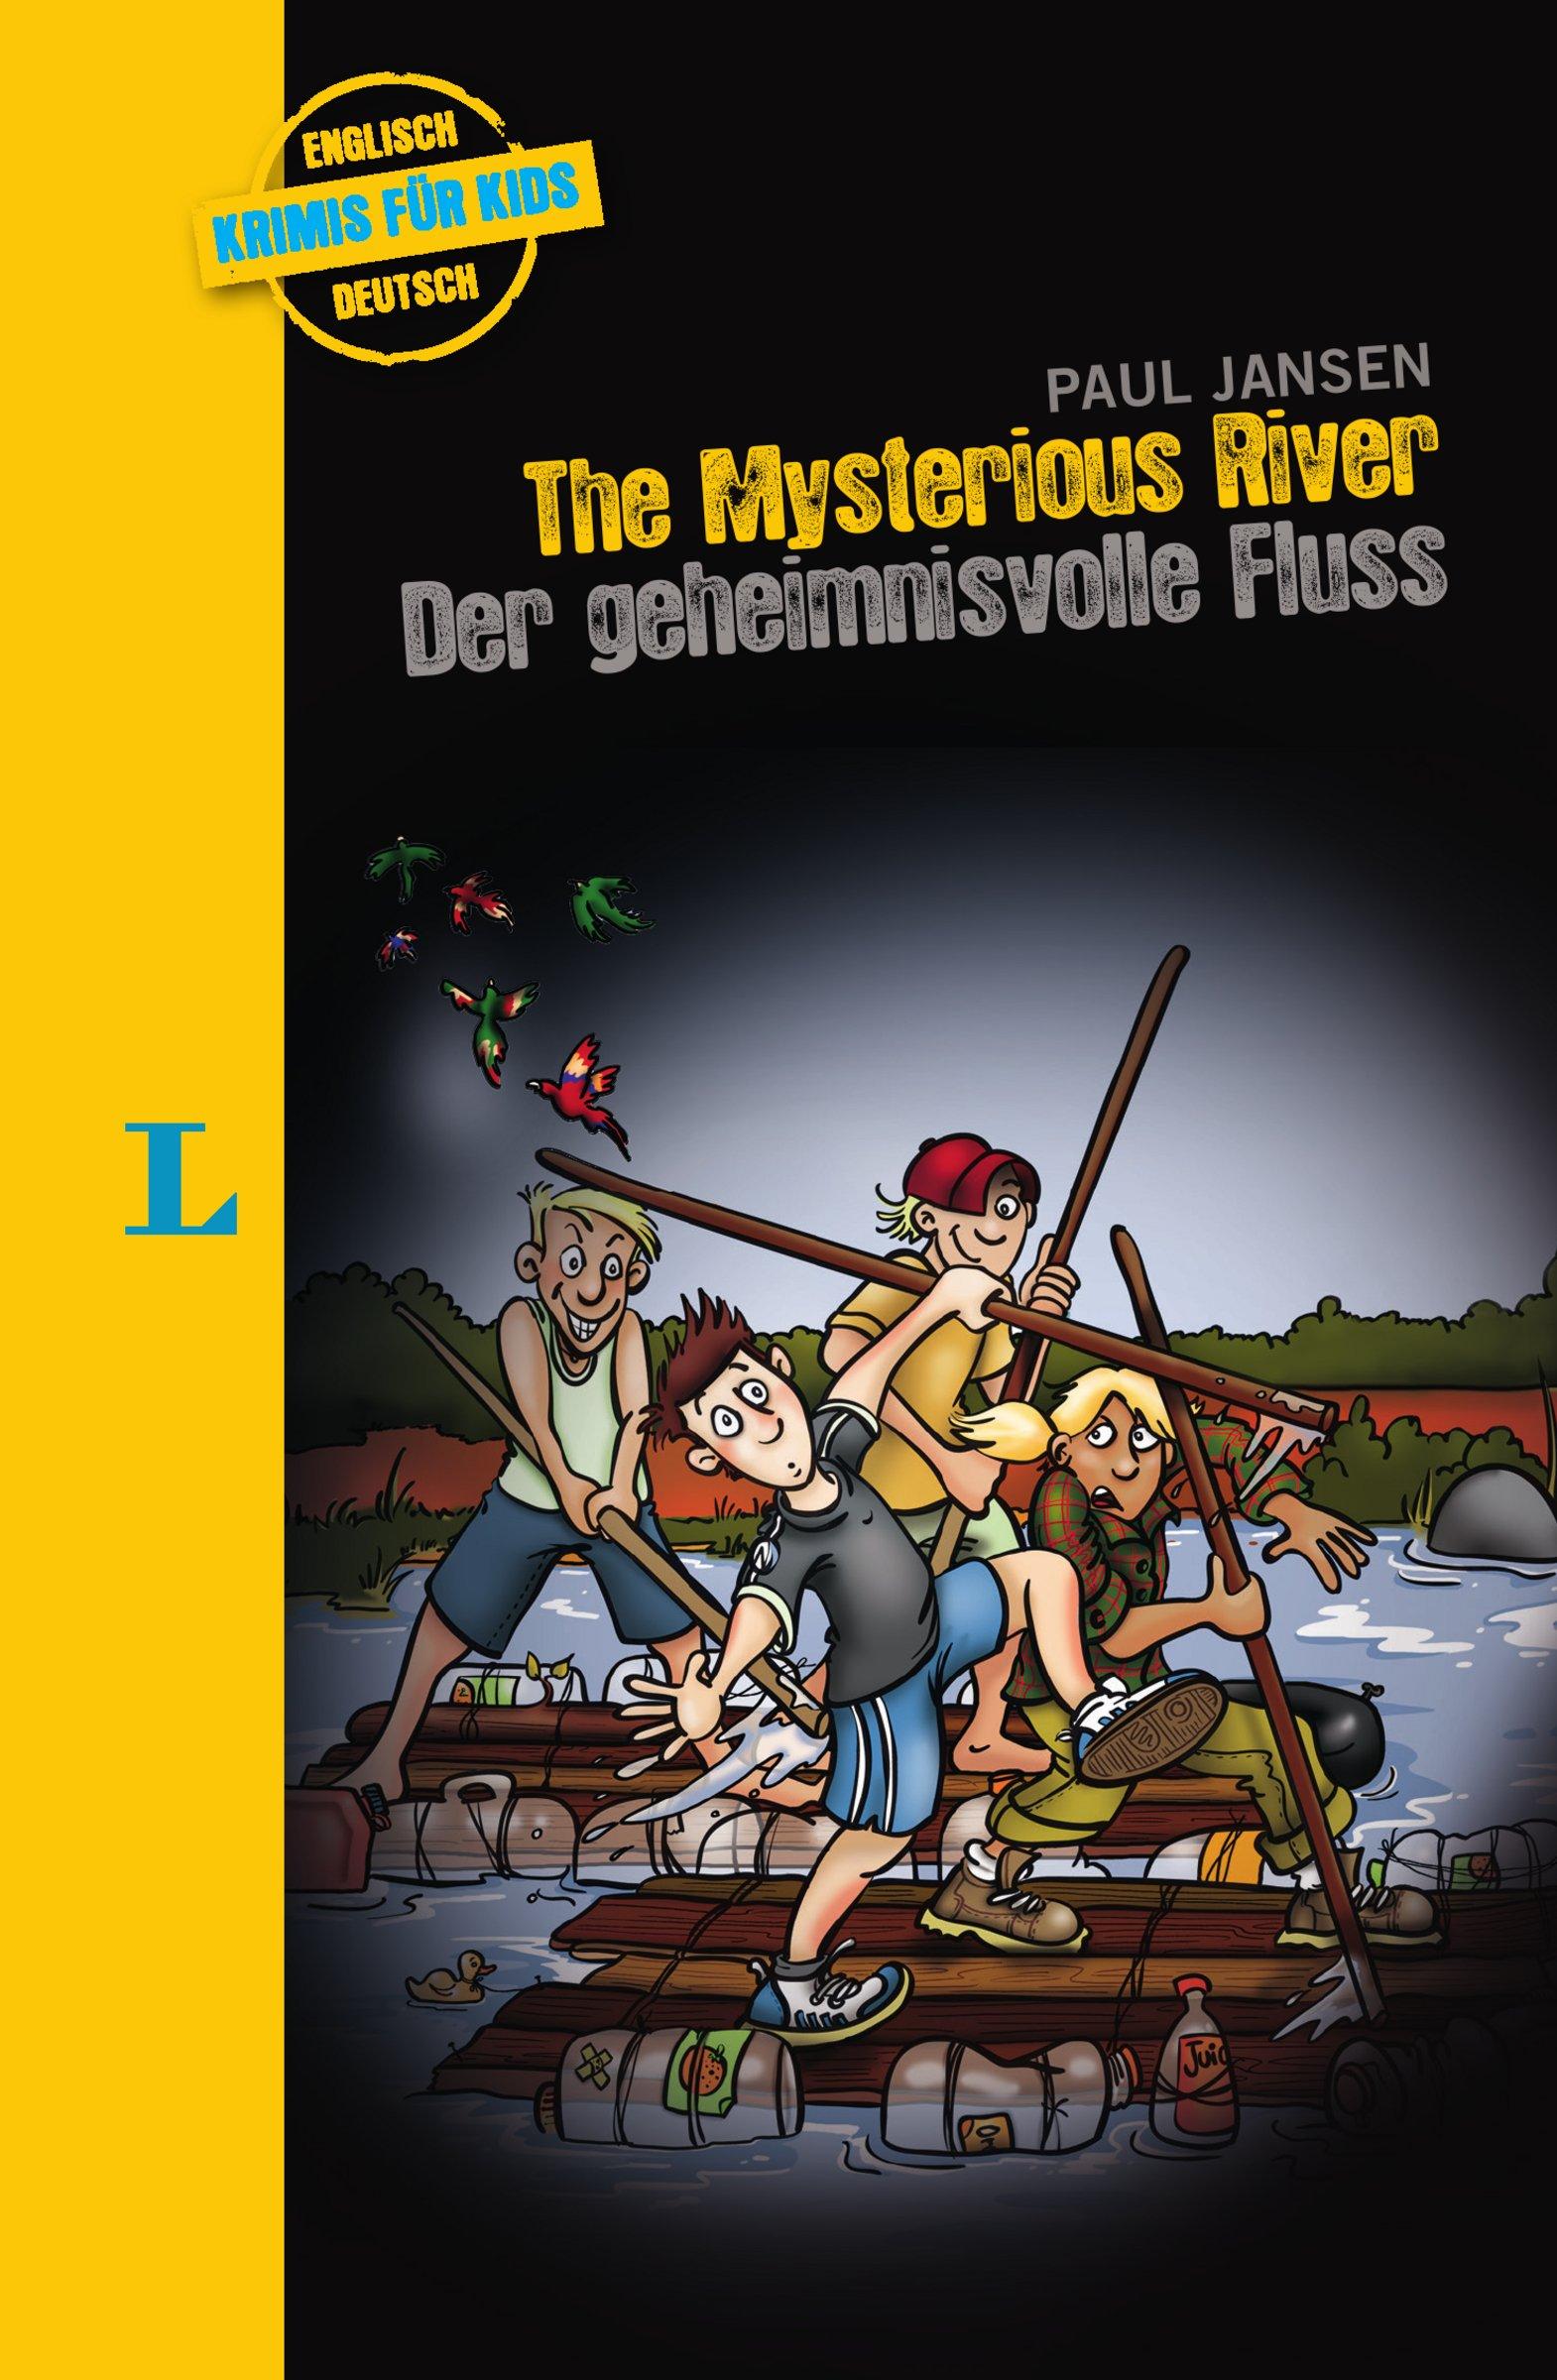 The Mysterious River - Der geheimnisvolle Fluss: Krimi für Kids (Englische Krimis für Kids)